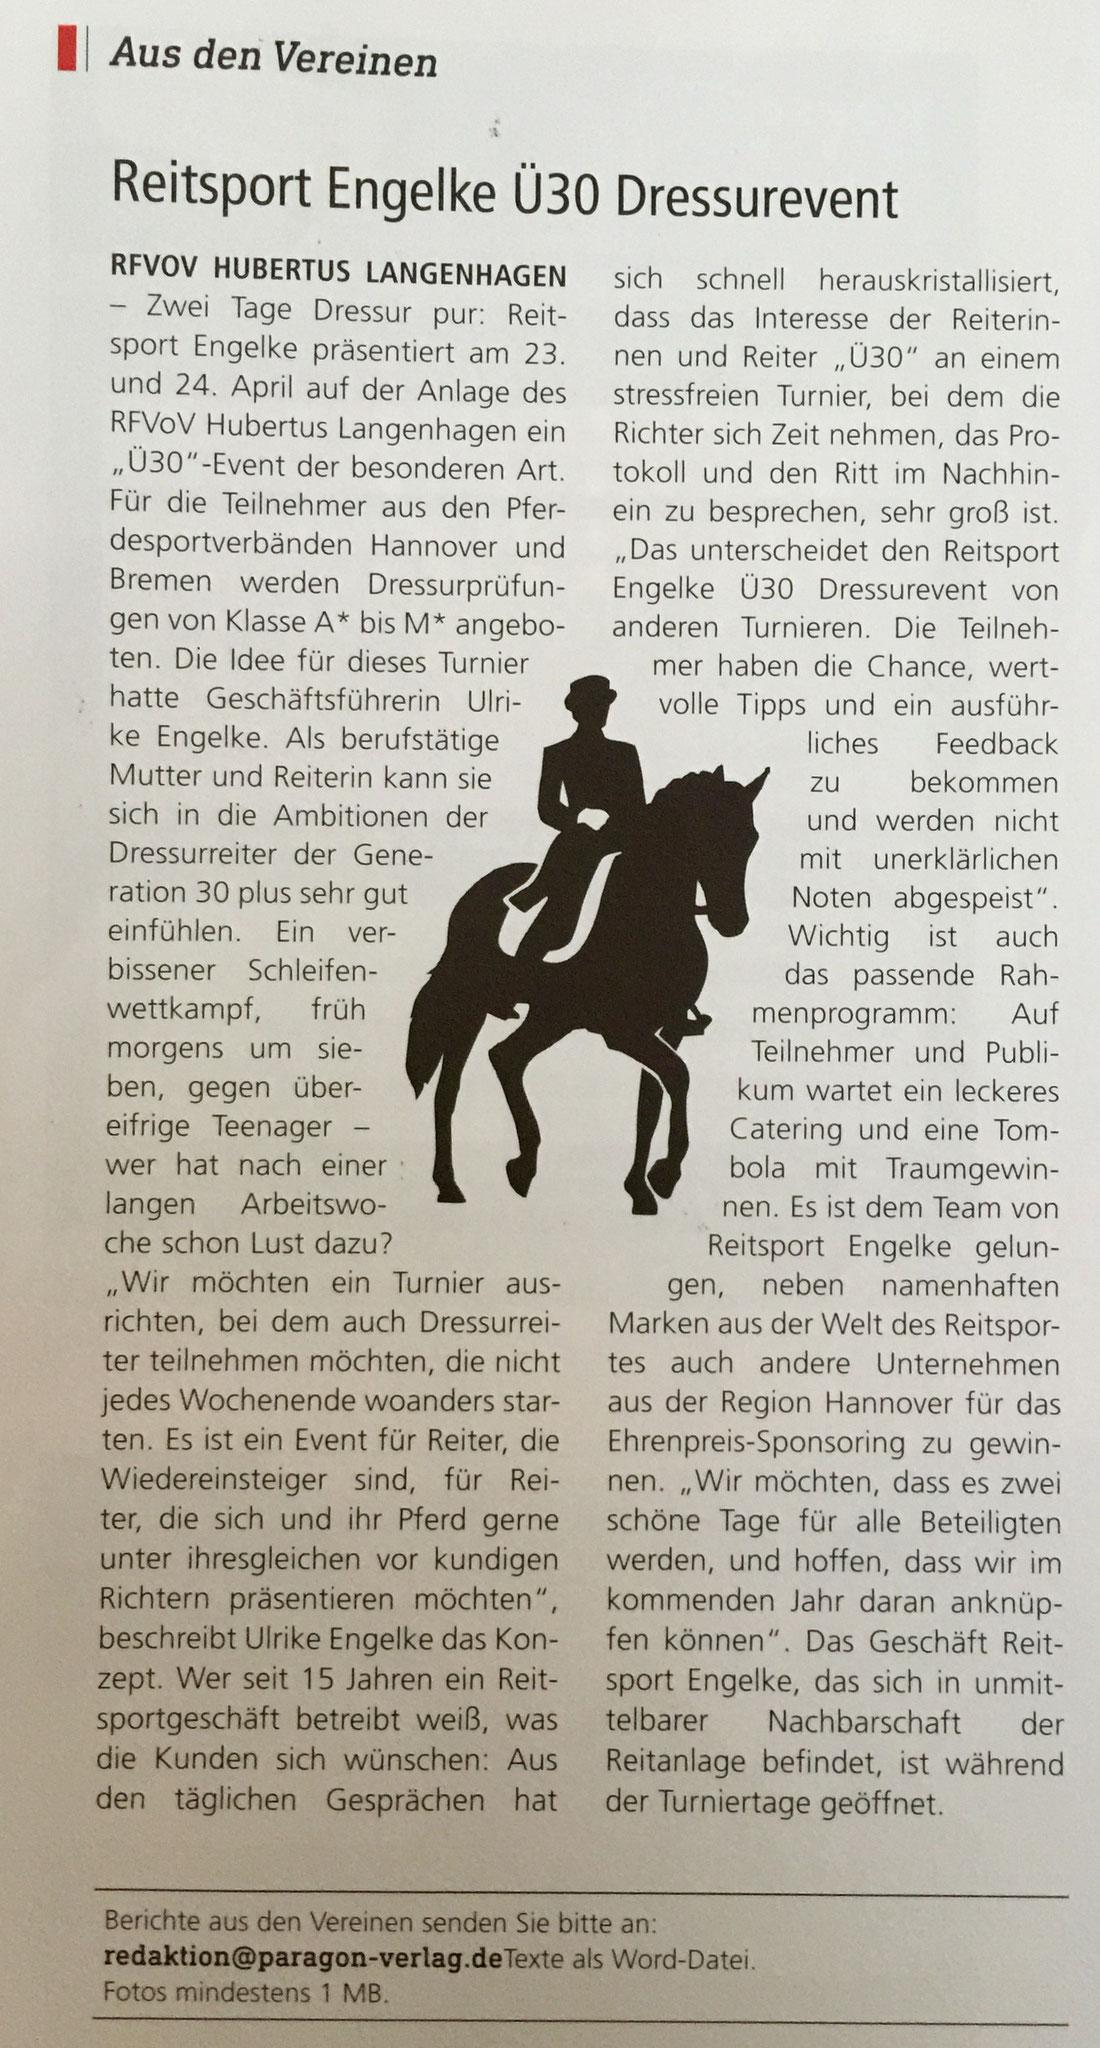 Reitsport Magazin, Ausgabe April 2016, Seite 55